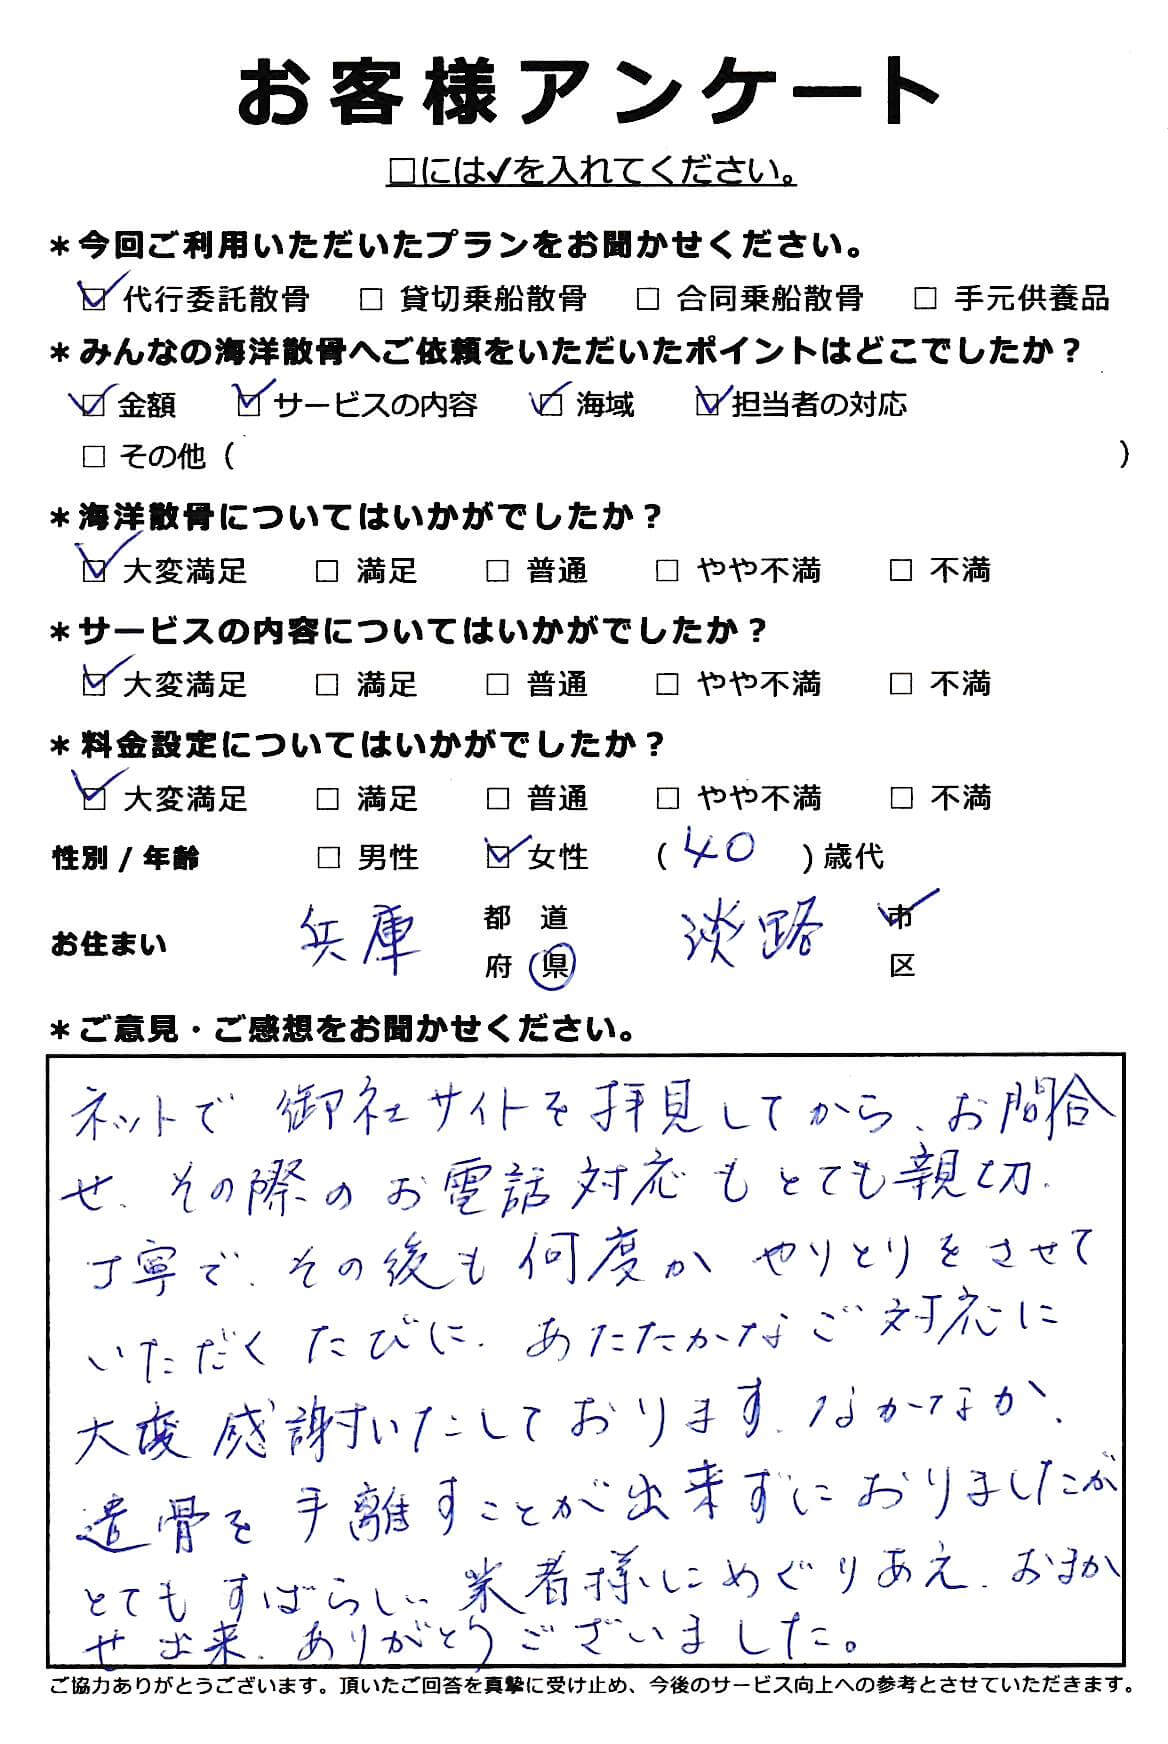 兵庫県 淡路市 40代女性 代行委託散骨